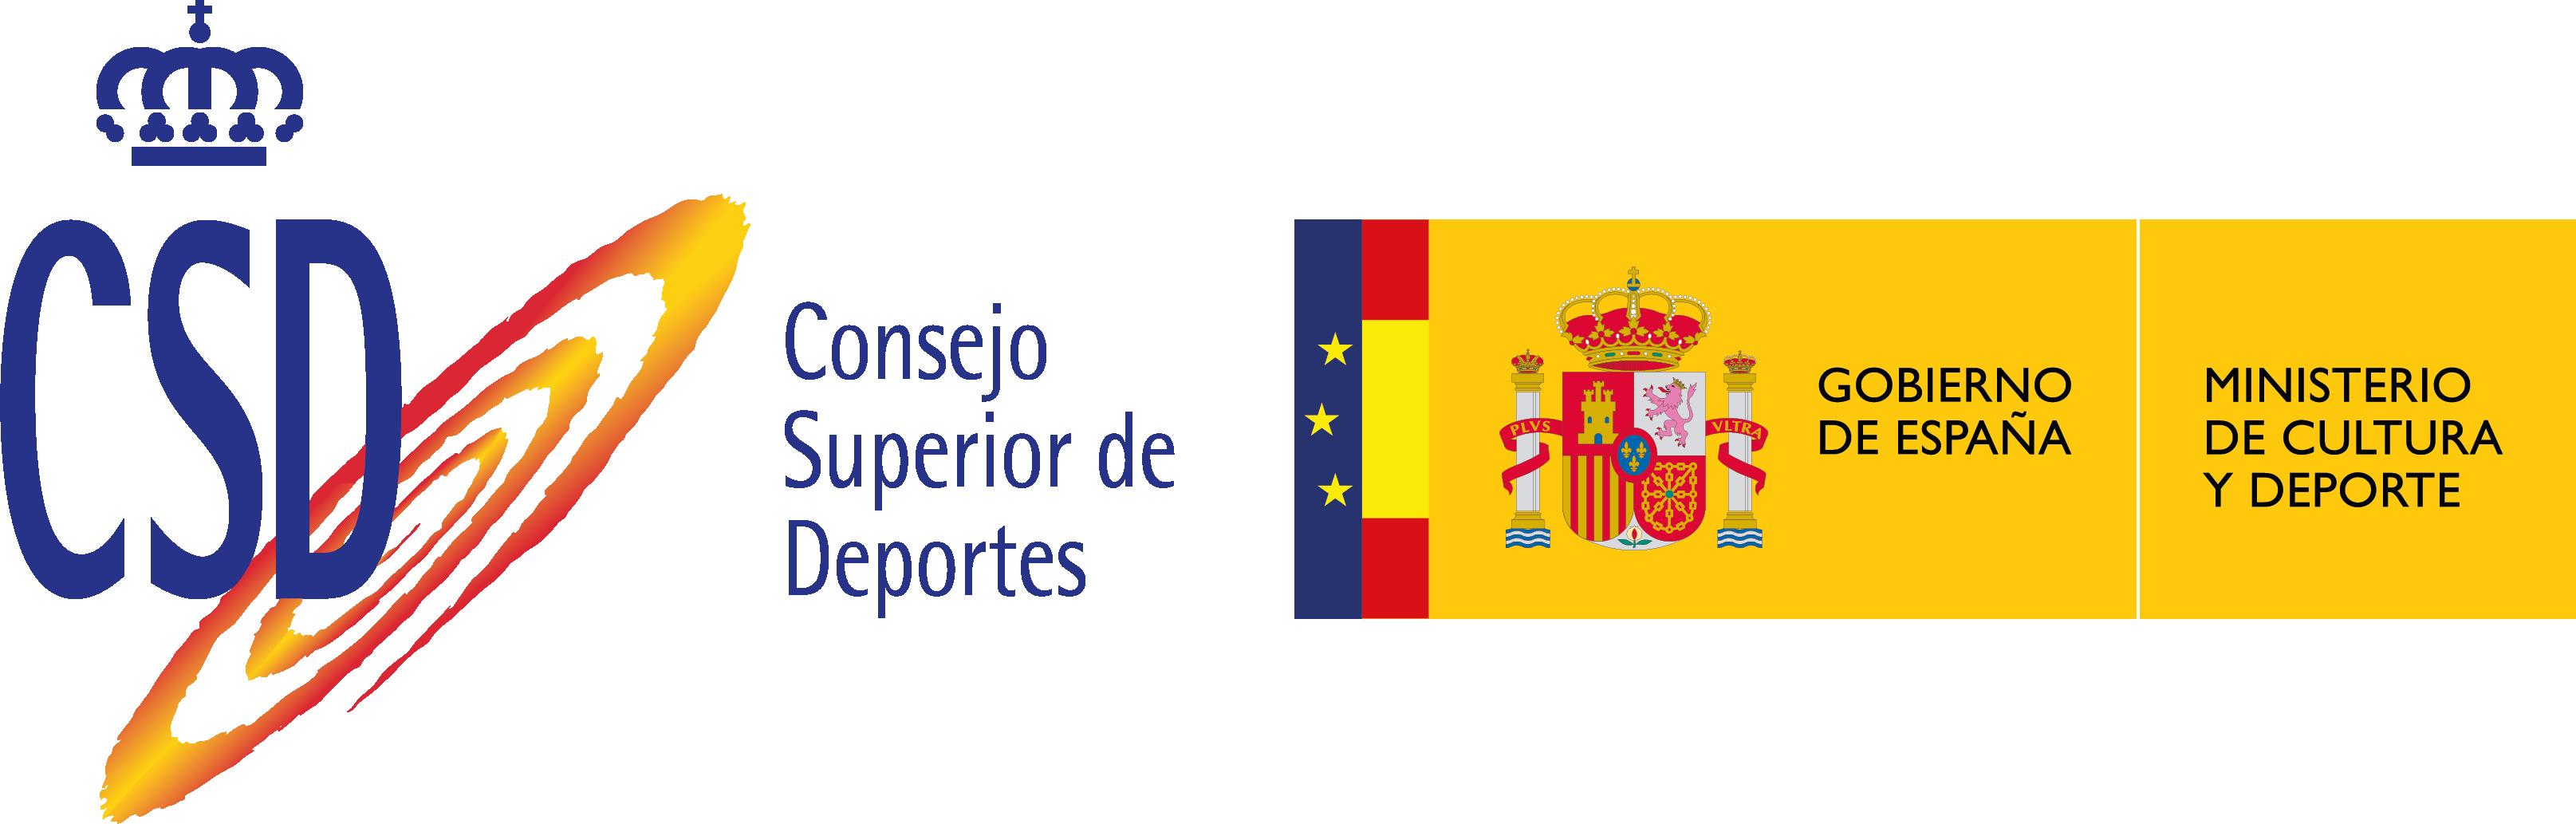 CSD - Consejo Superior de Deportes Logo